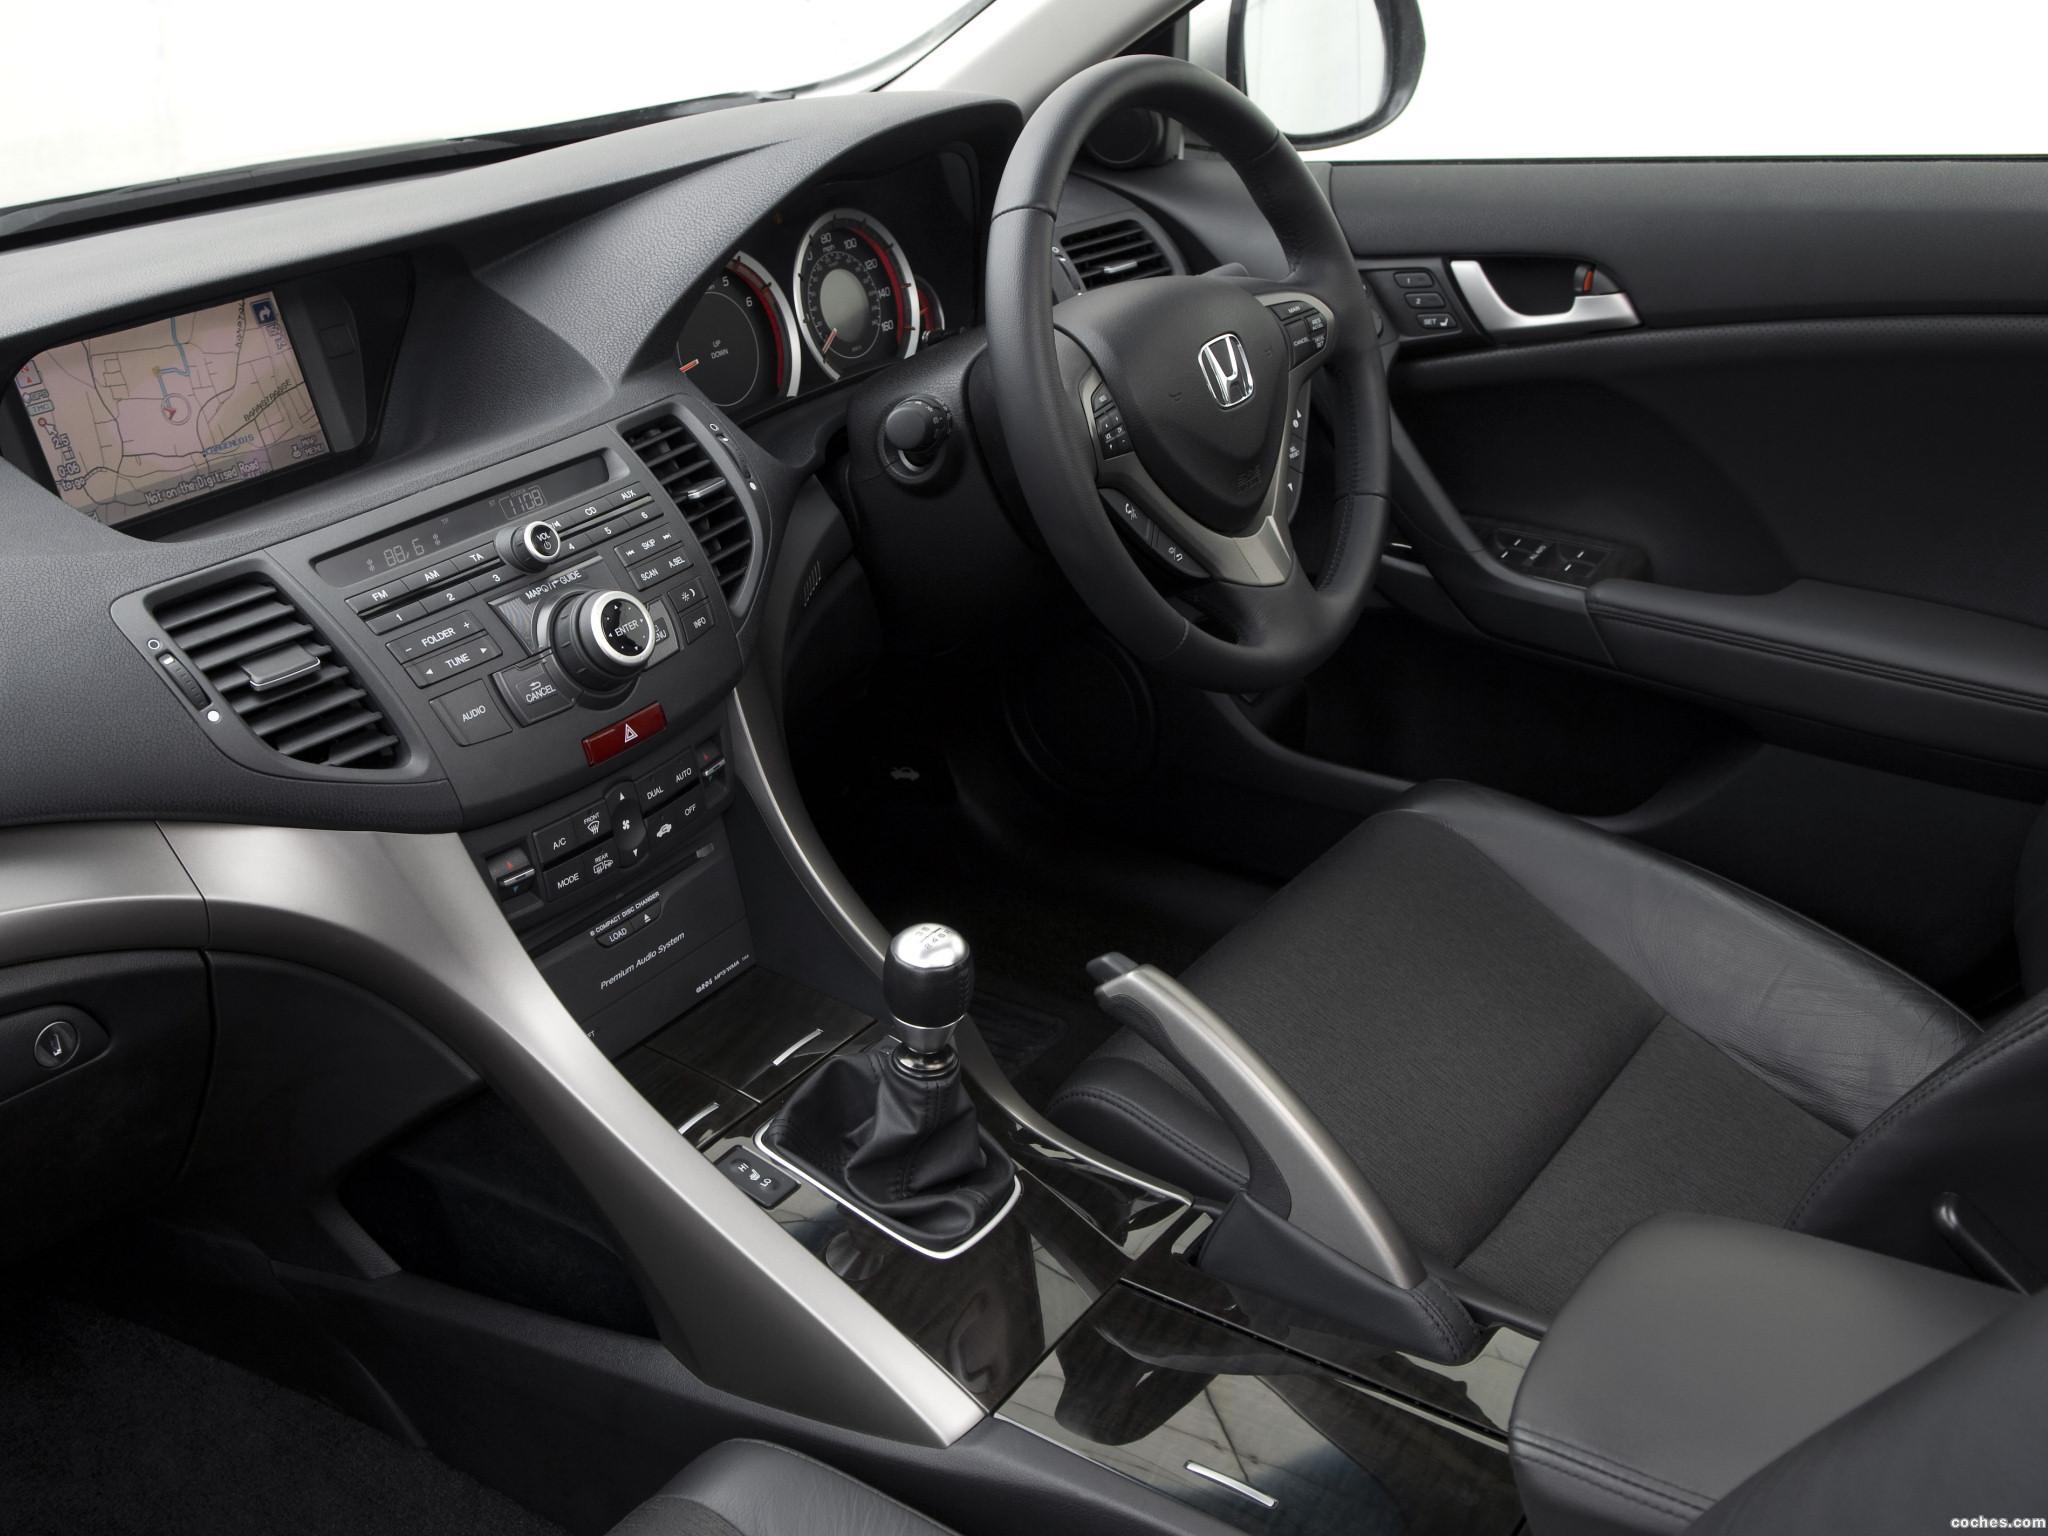 Foto 11 de Honda Accord Tourer UK Edition 2008